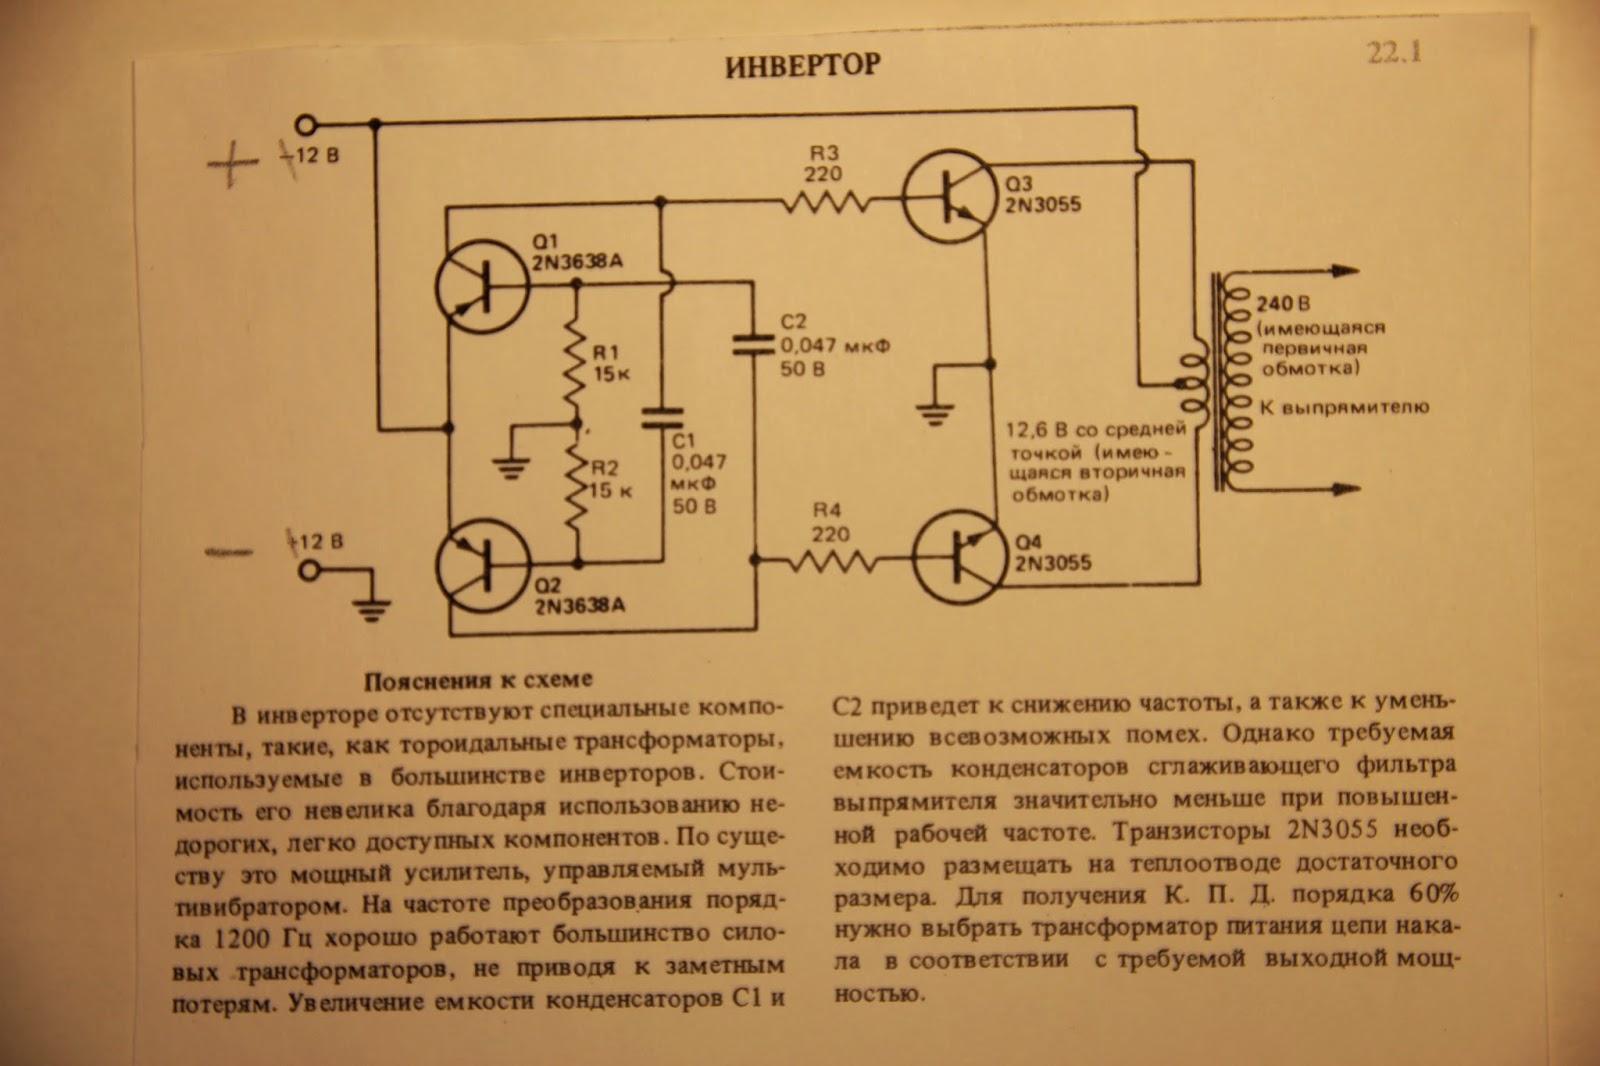 генератор ройера схема печатка